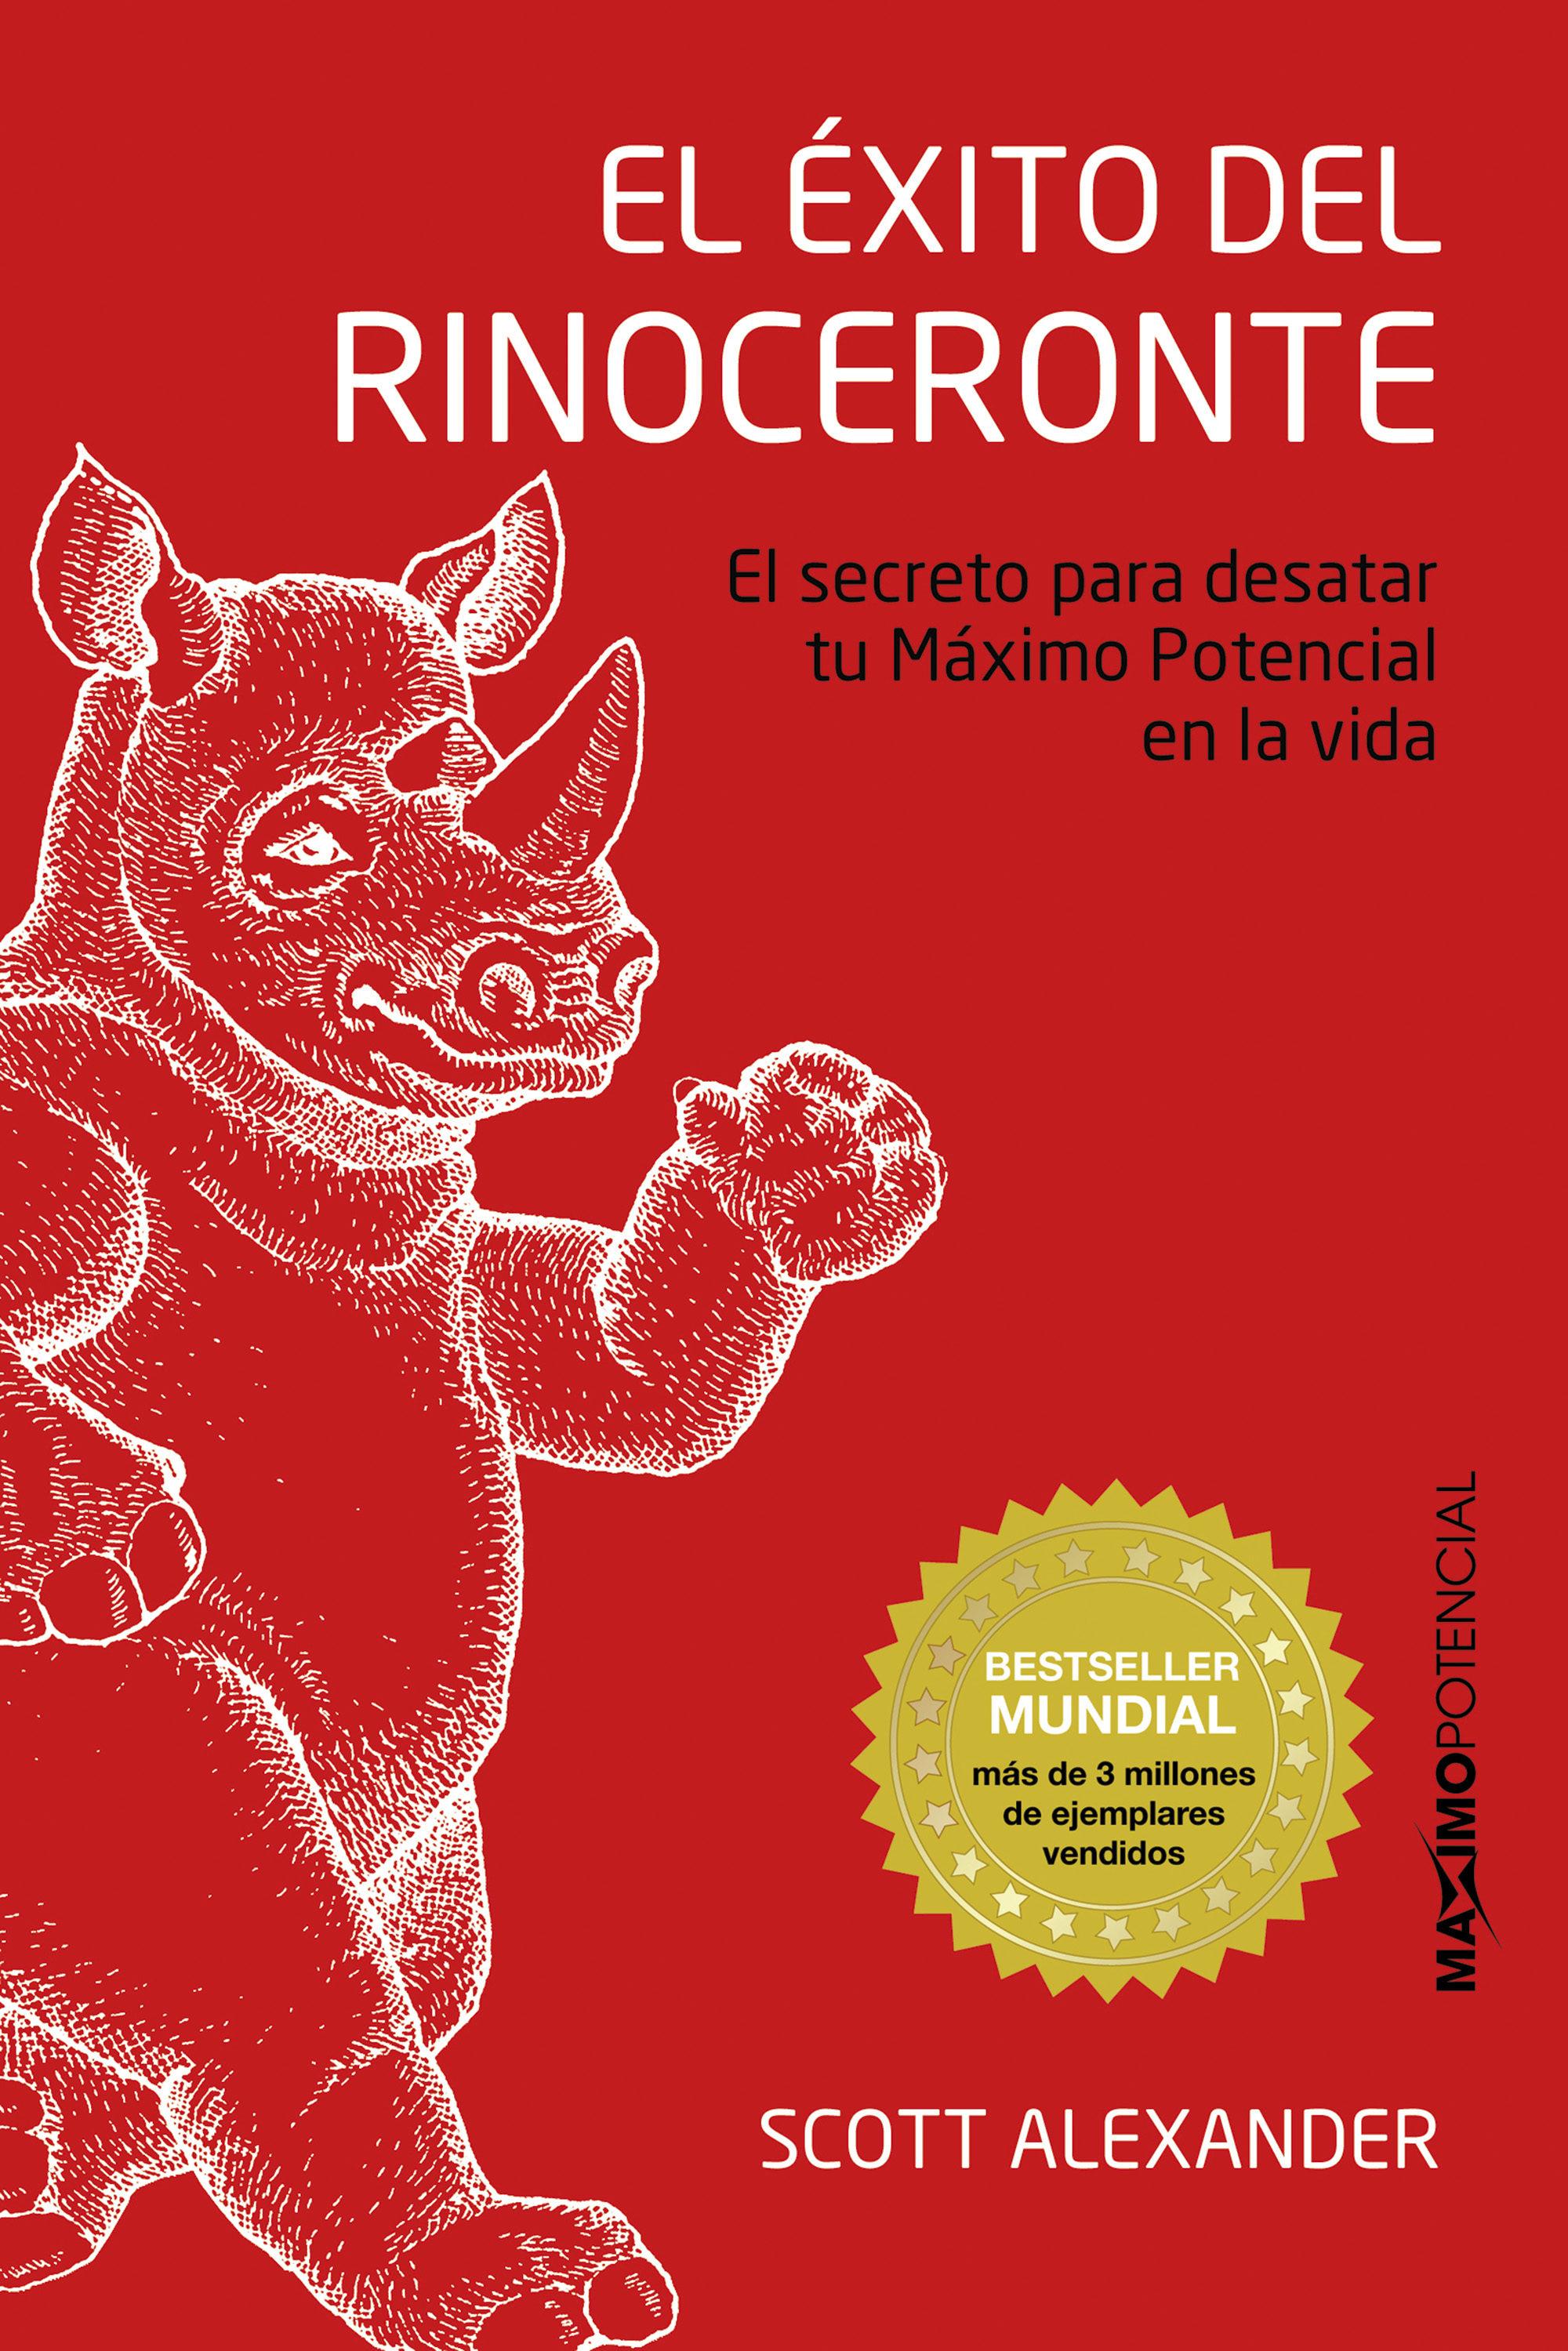 El exito del rinoceronte el secreto para desatar tu maximo potencial en la vida